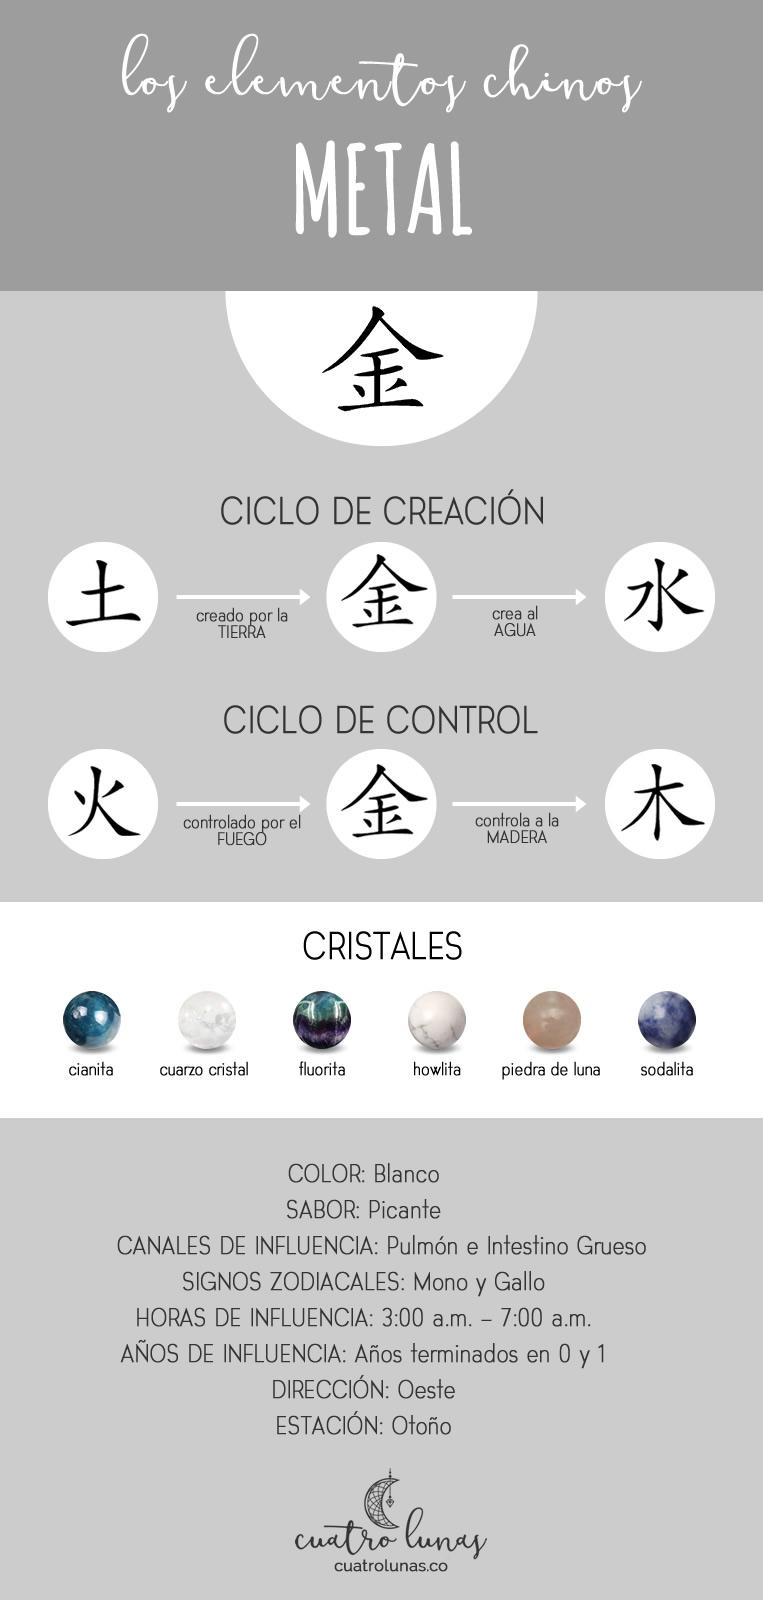 elementos chinos infografia metal